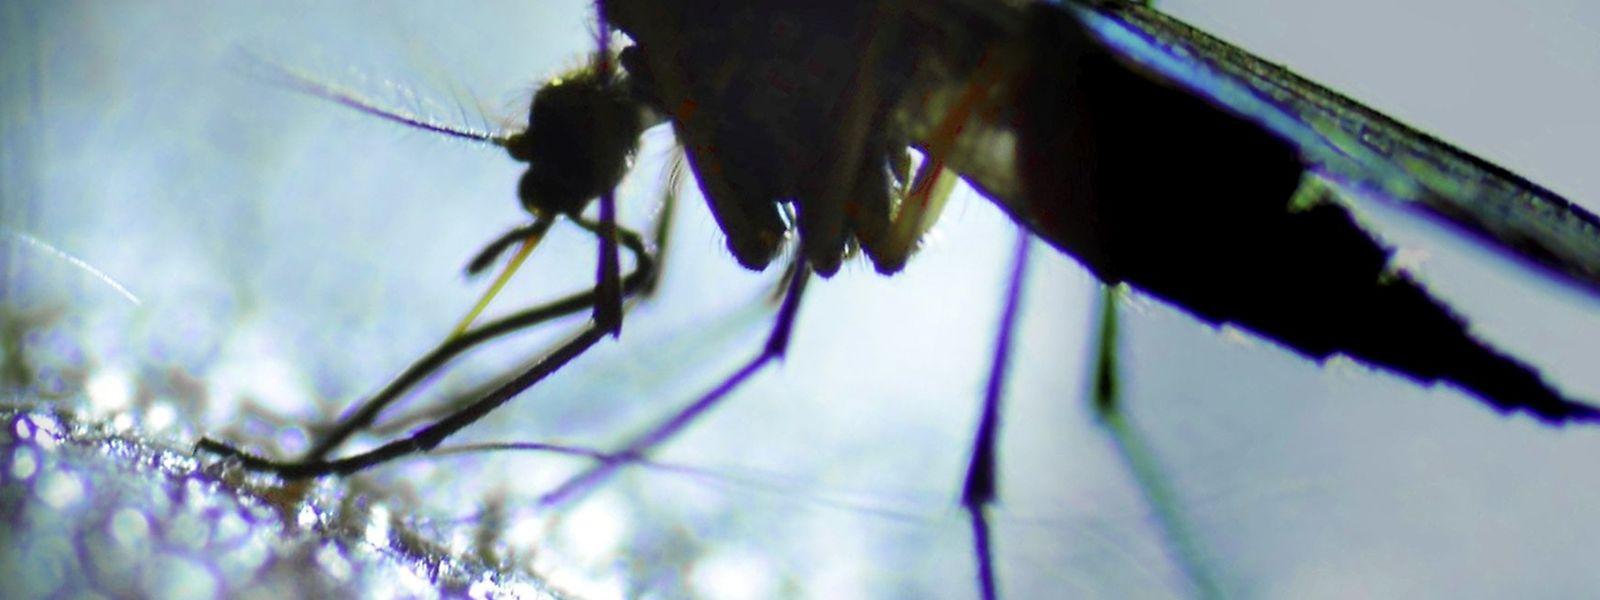 Malgré un premier cas de virus Zika au Luxembourg, le pays ne risque a priori pas grand chose